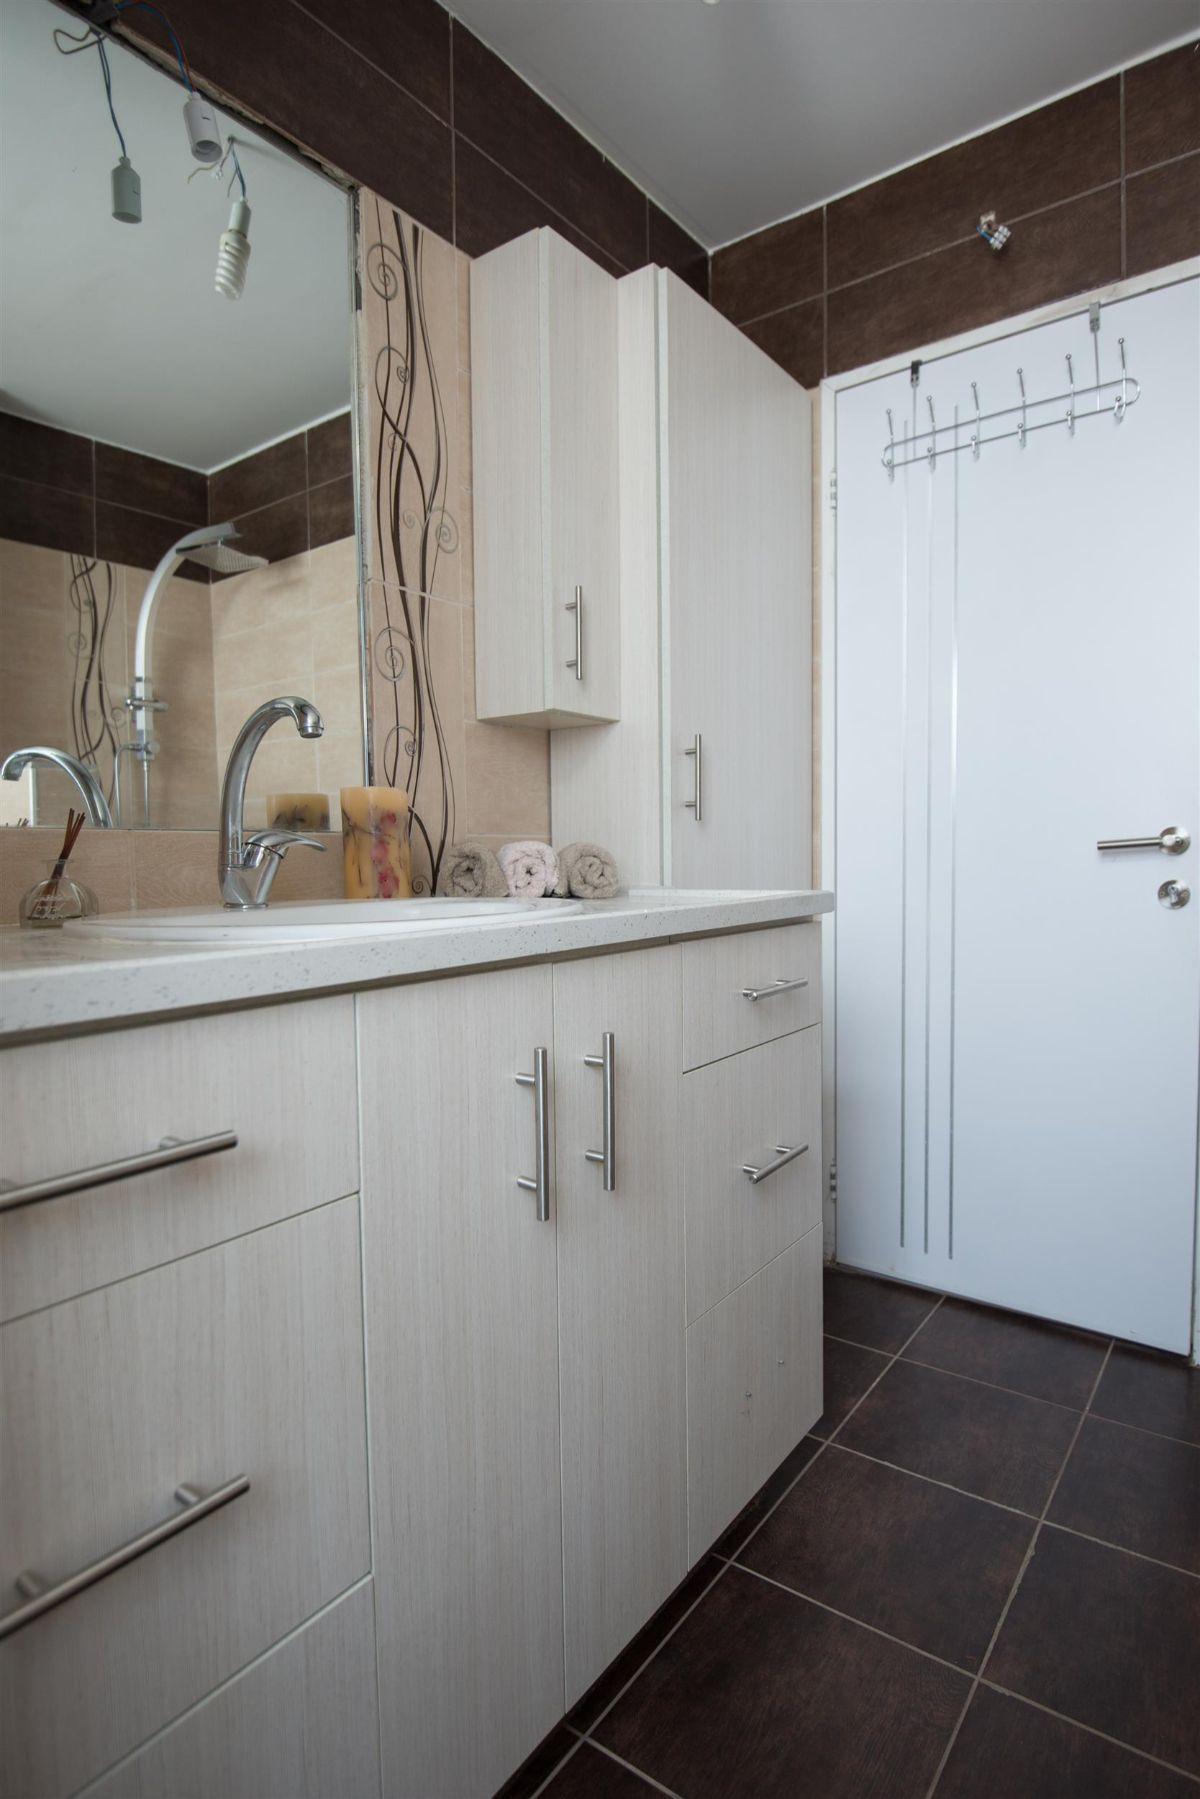 עיצוב פנים חדר אמבטיה   אדריכלות חדר אמבטיה - חדר אמבטיה